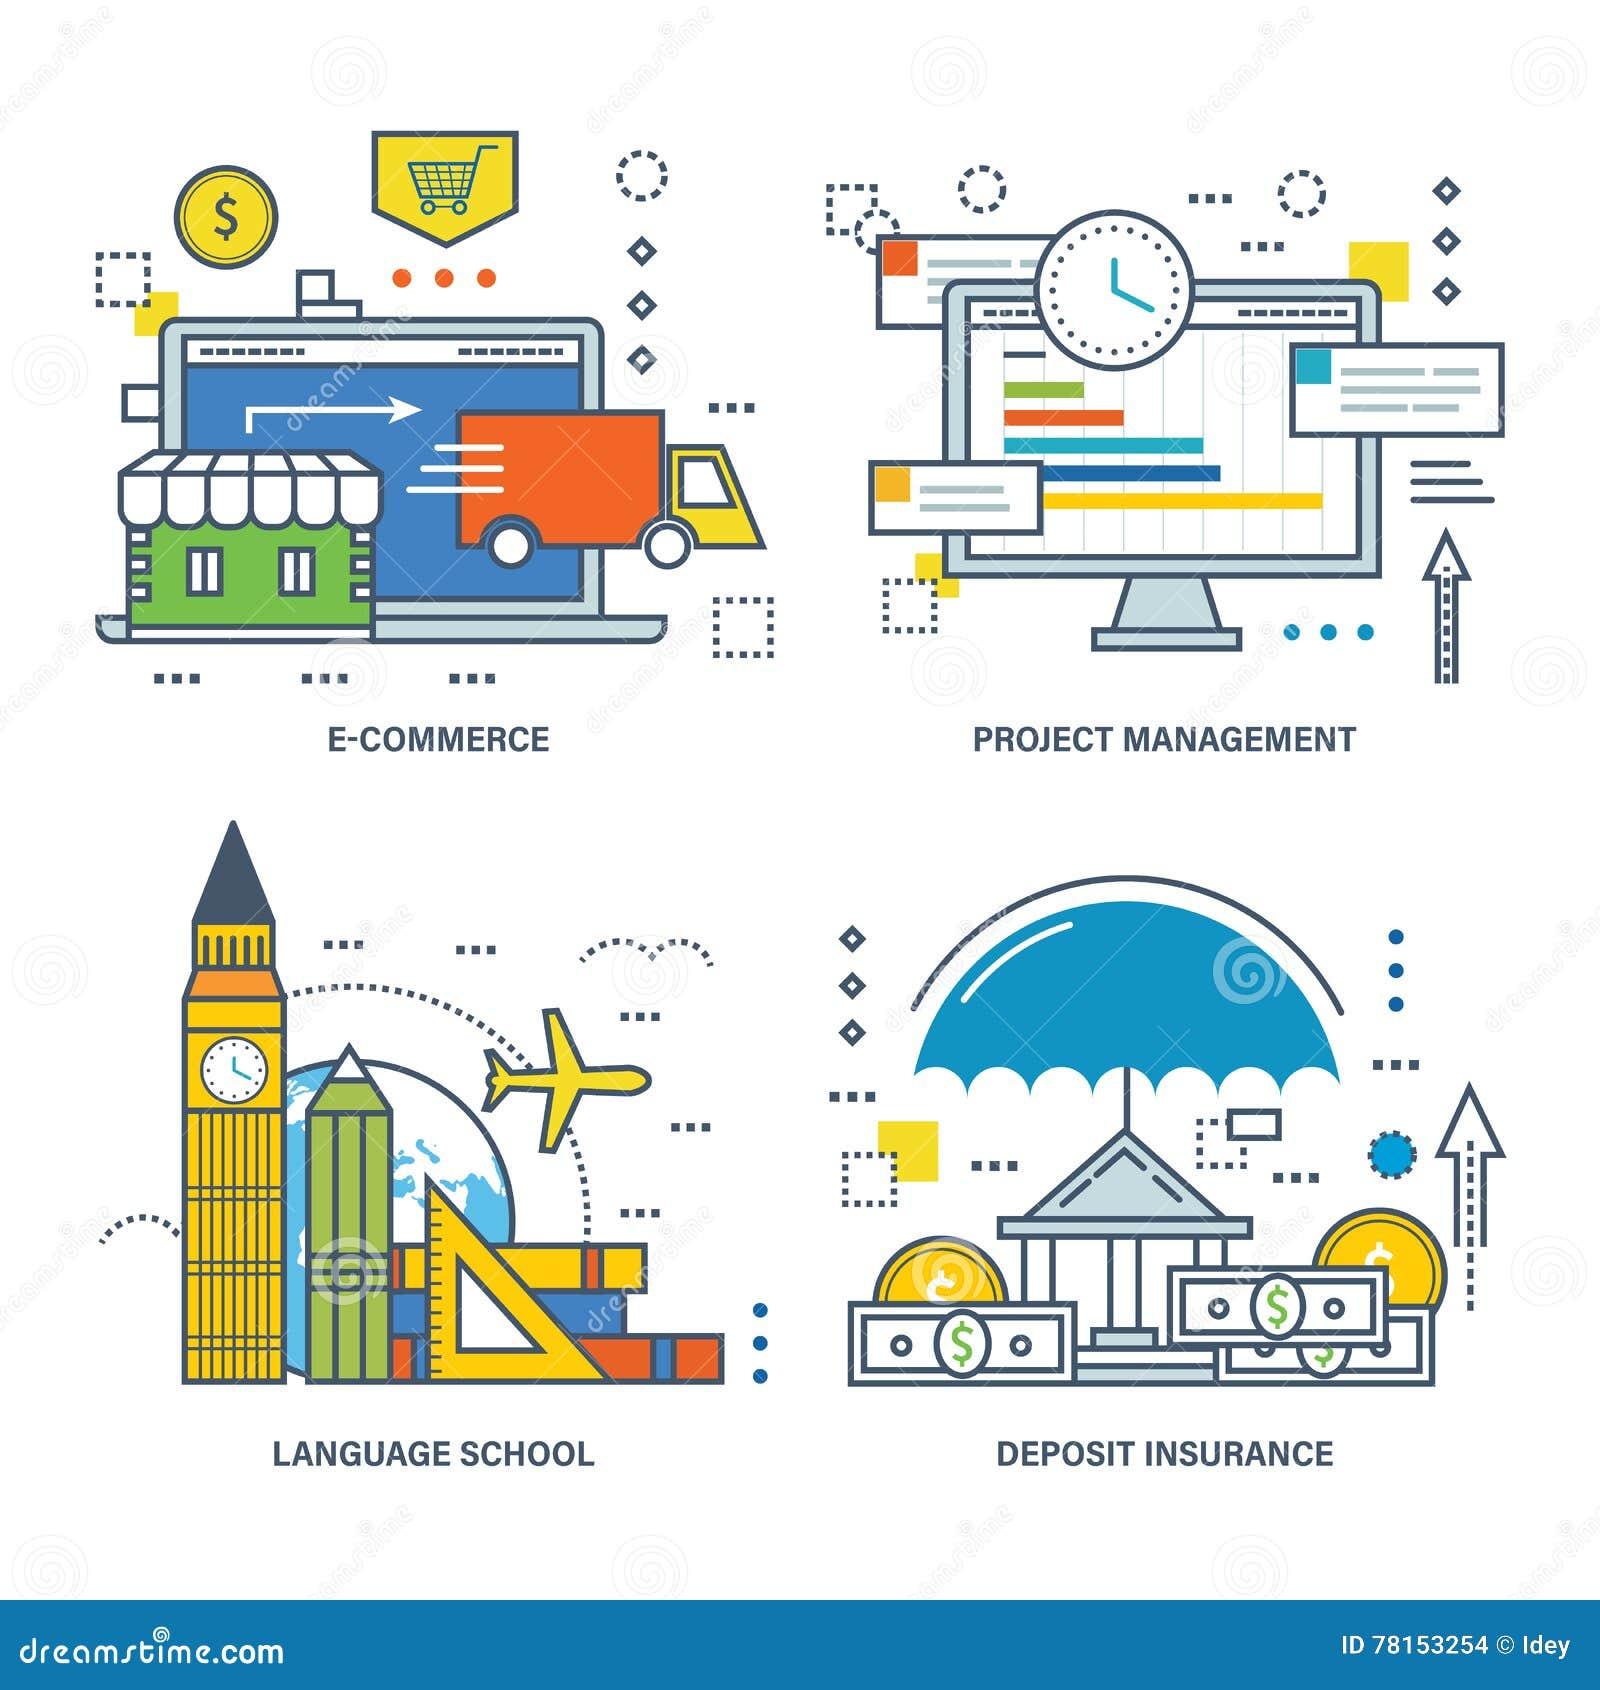 例证-电子商务,项目管理,语言学院,保险的概念